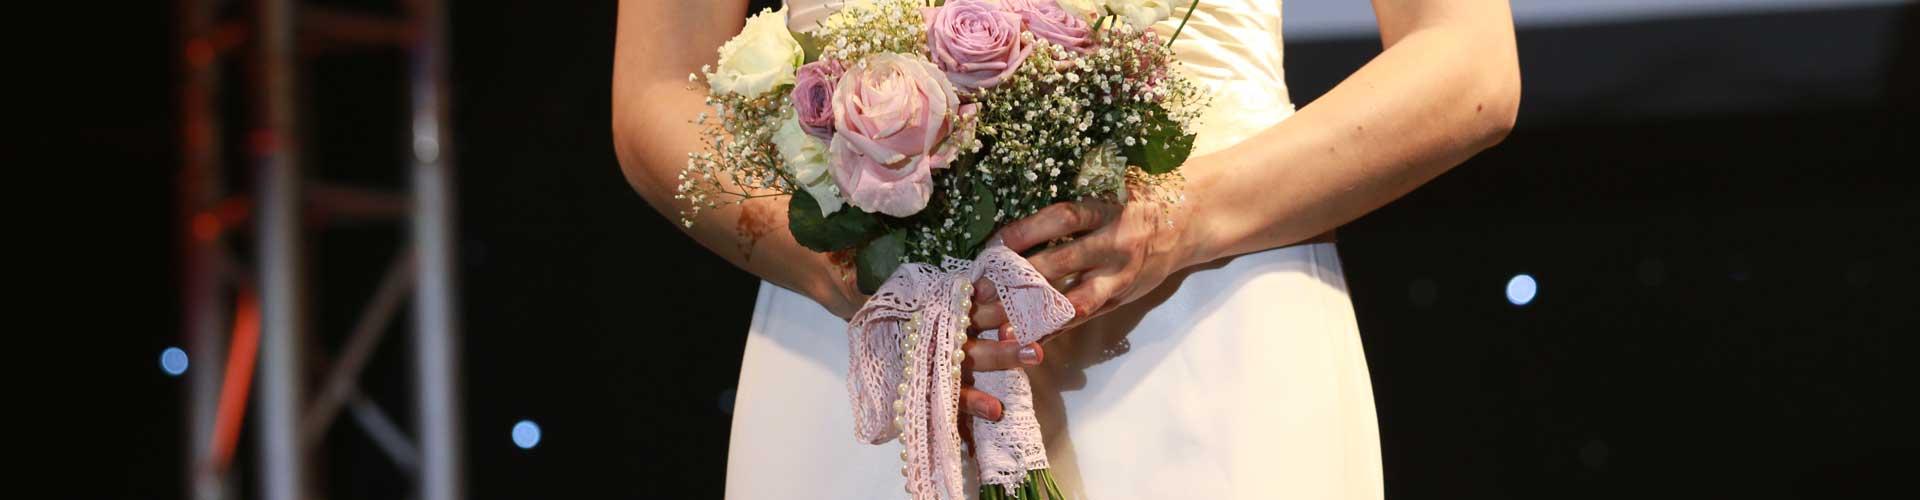 __Slide-poignet-bouquet-mariée-1